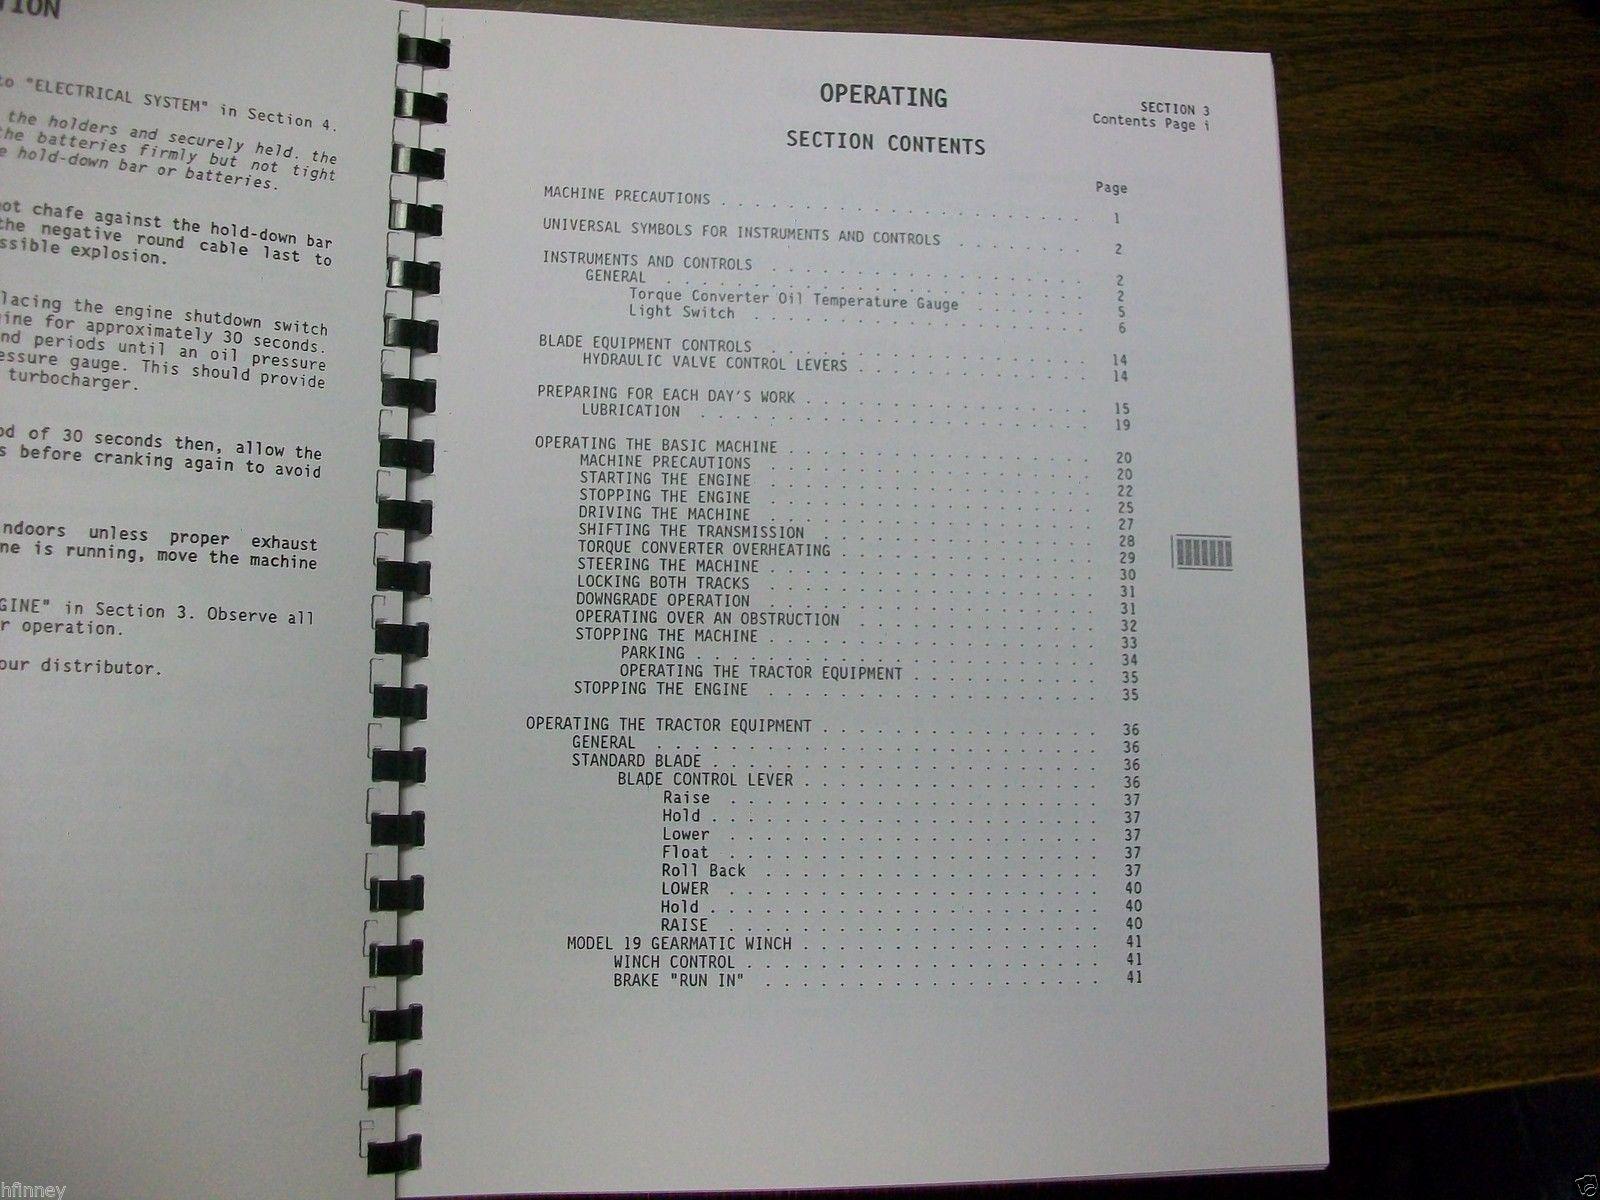 Dresser td7g repair manual